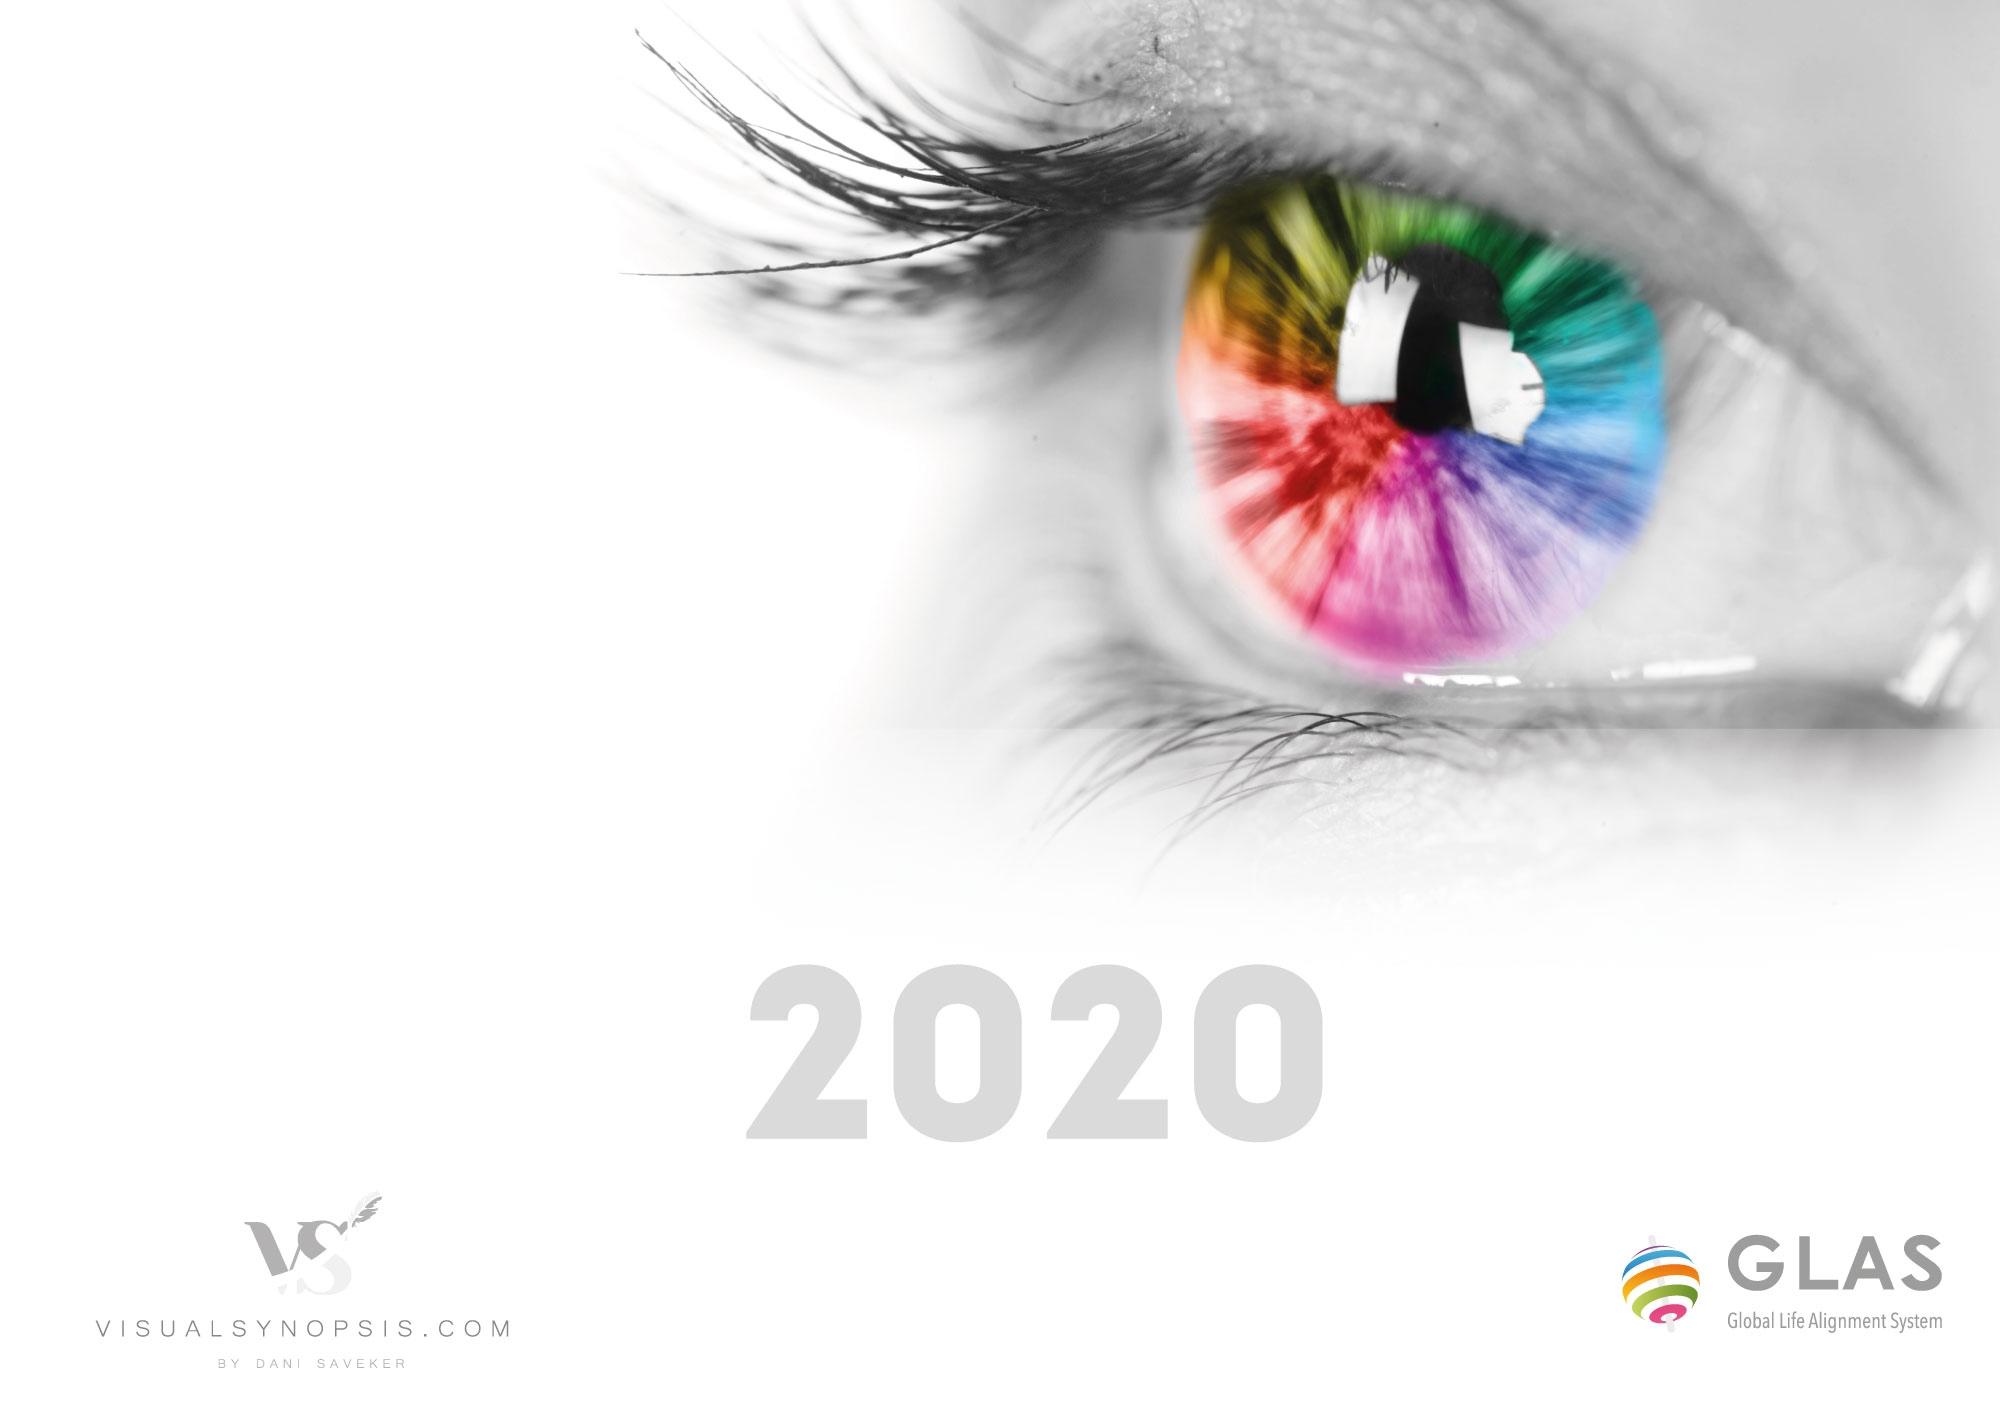 VS-Calendar-2020-cover.jpg